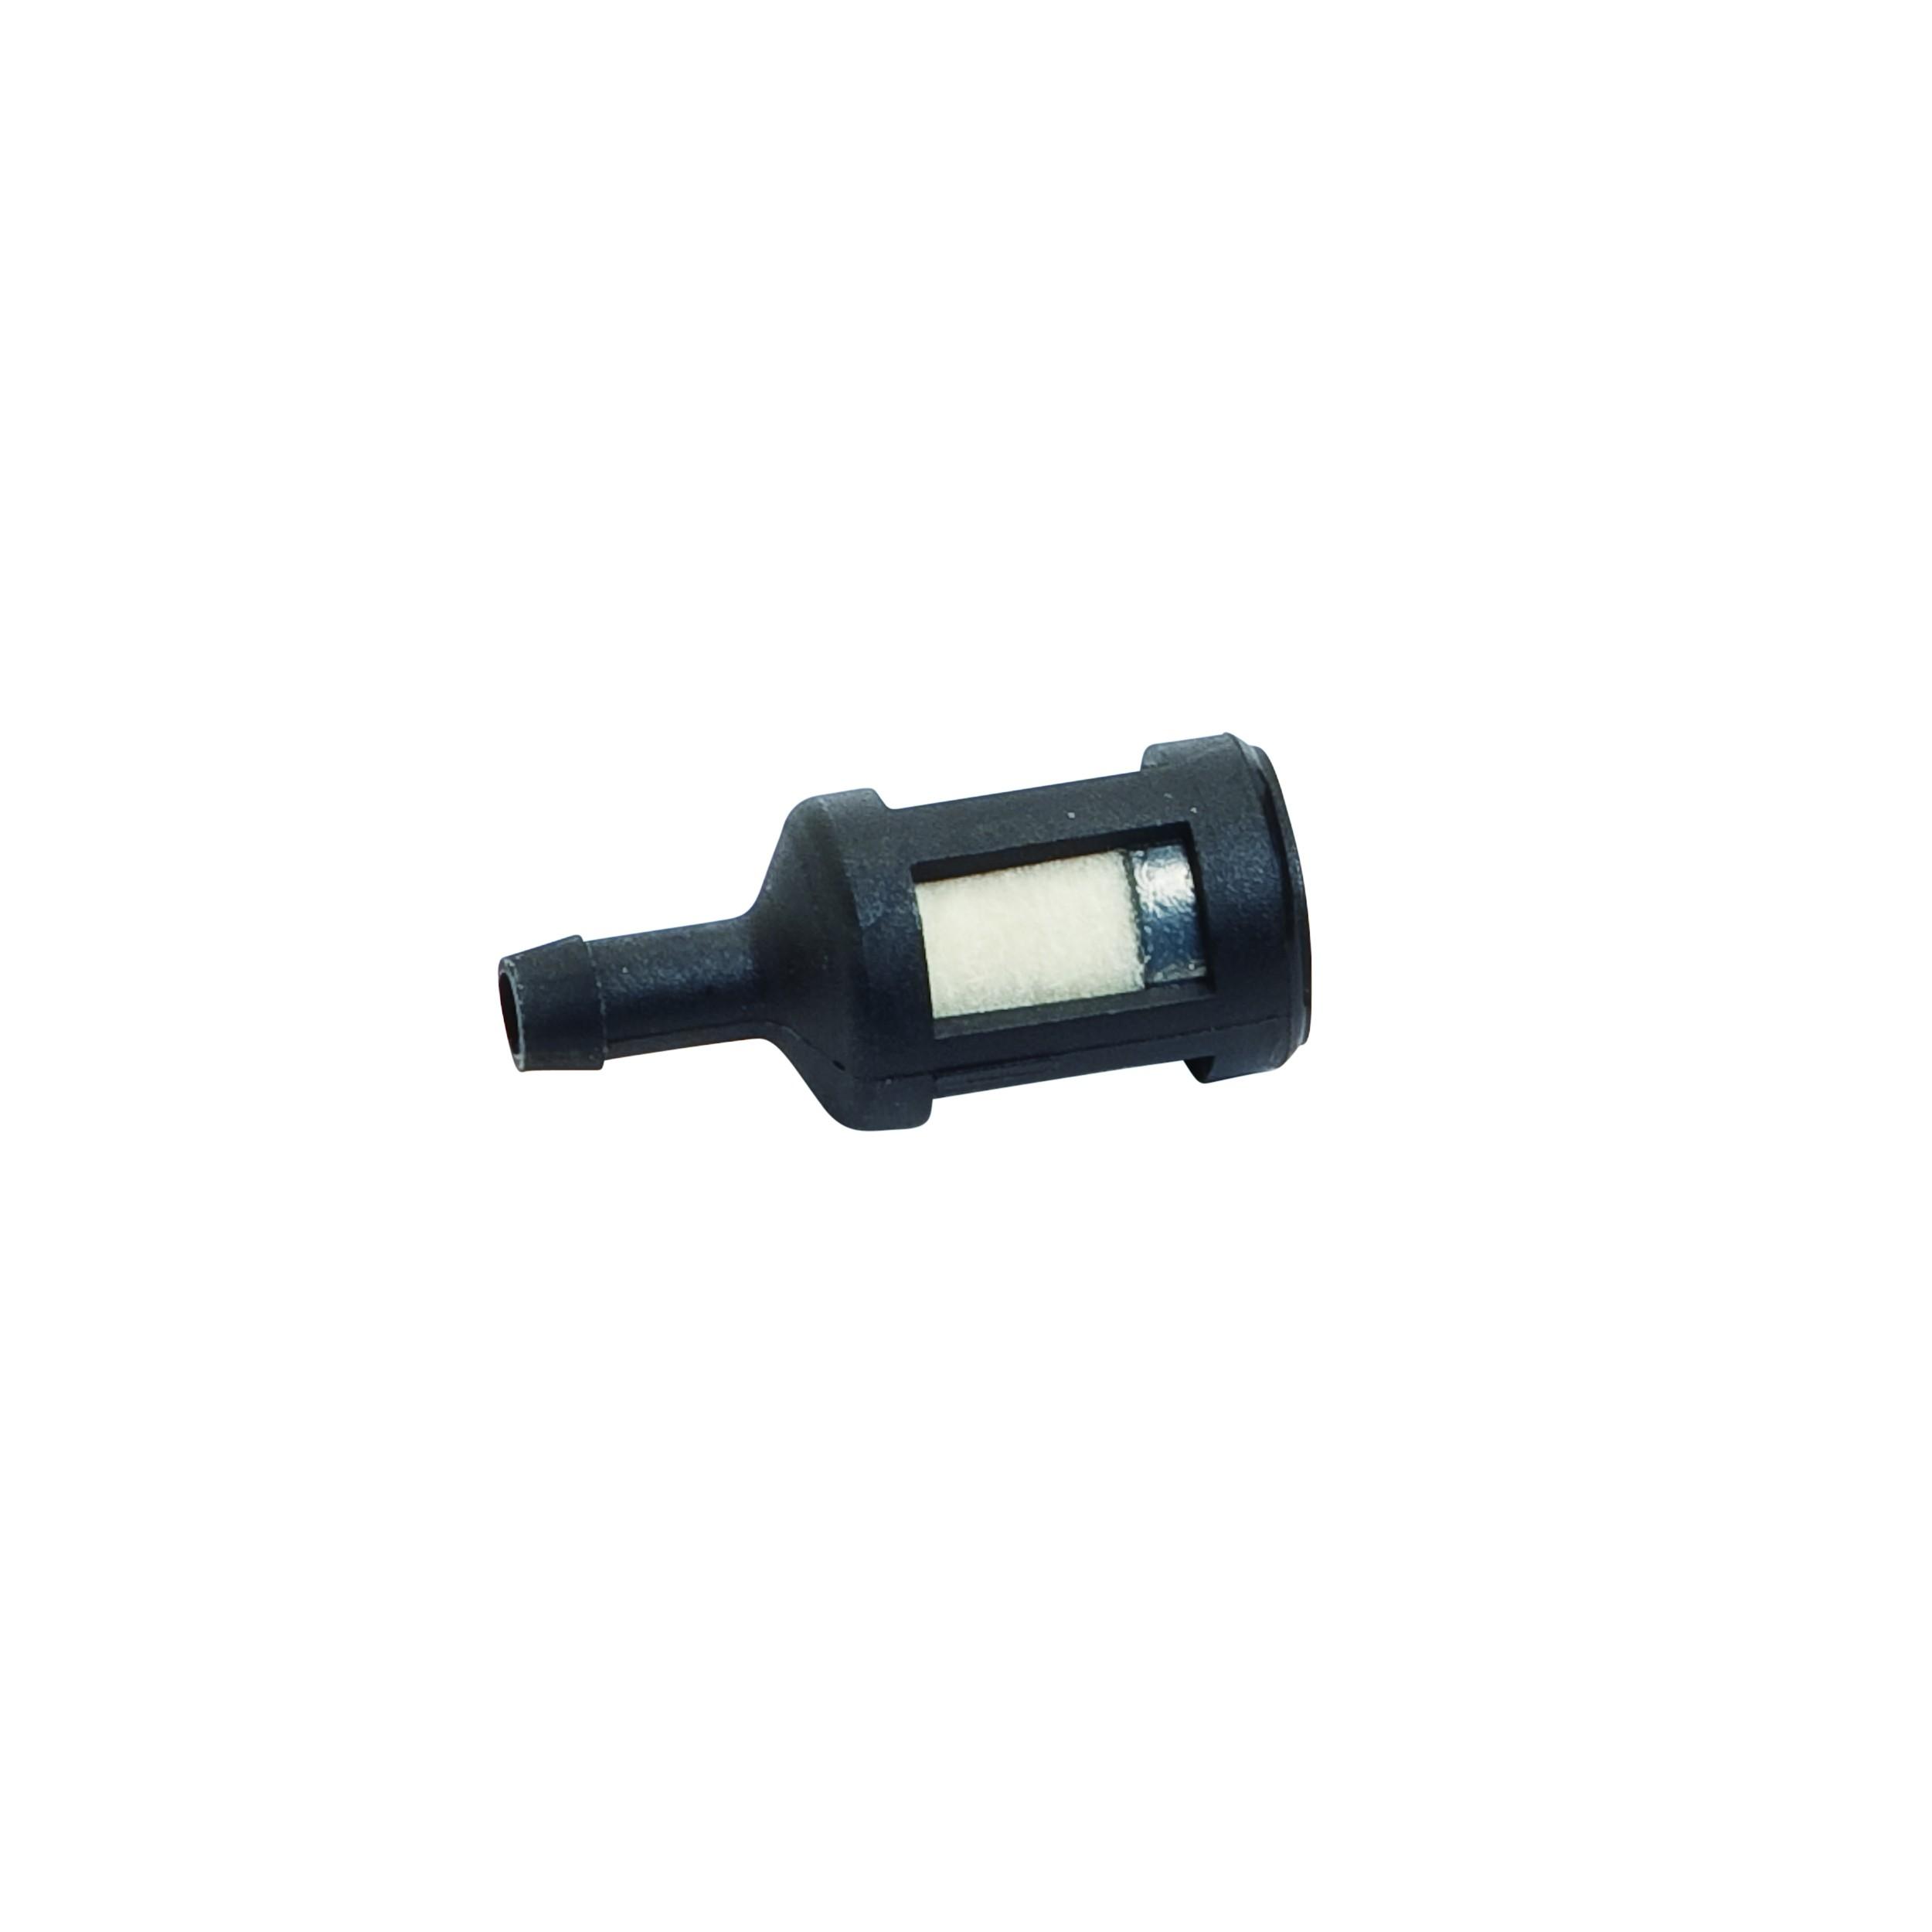 Palivový filtr (typ ZAMA ZF-2) průměr 4,8 mm pro malé motory